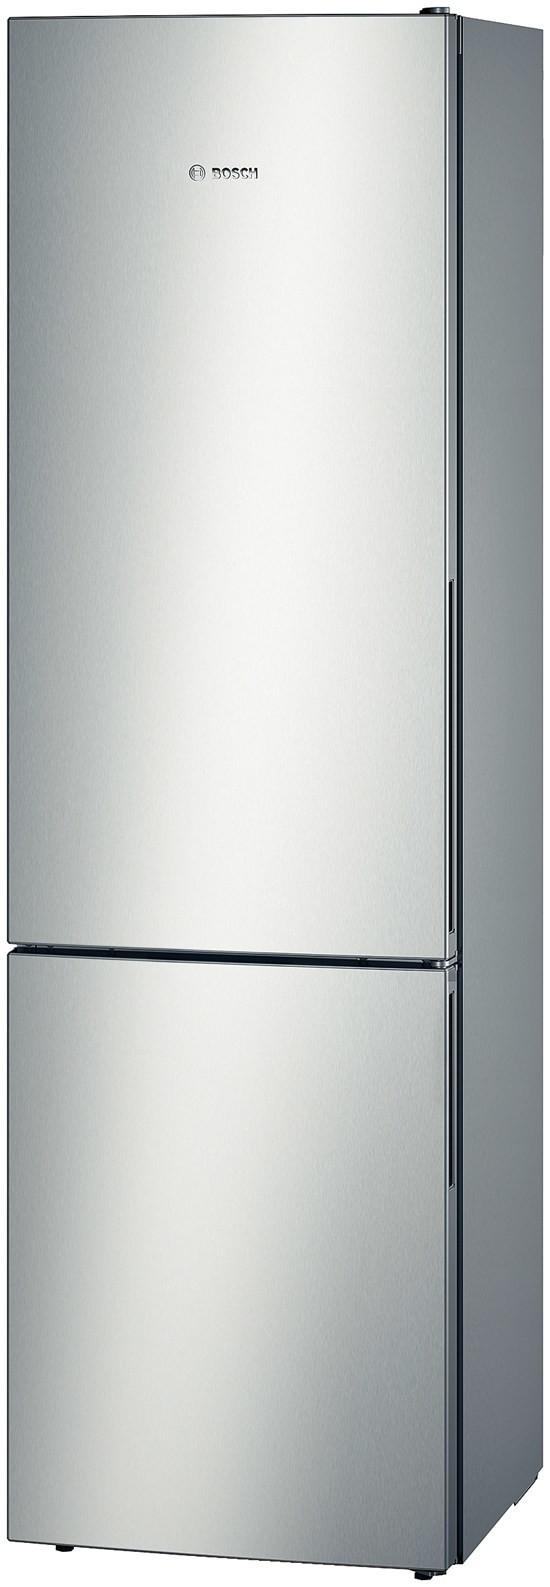 Bosch KGV39VI31 koelkast RVS